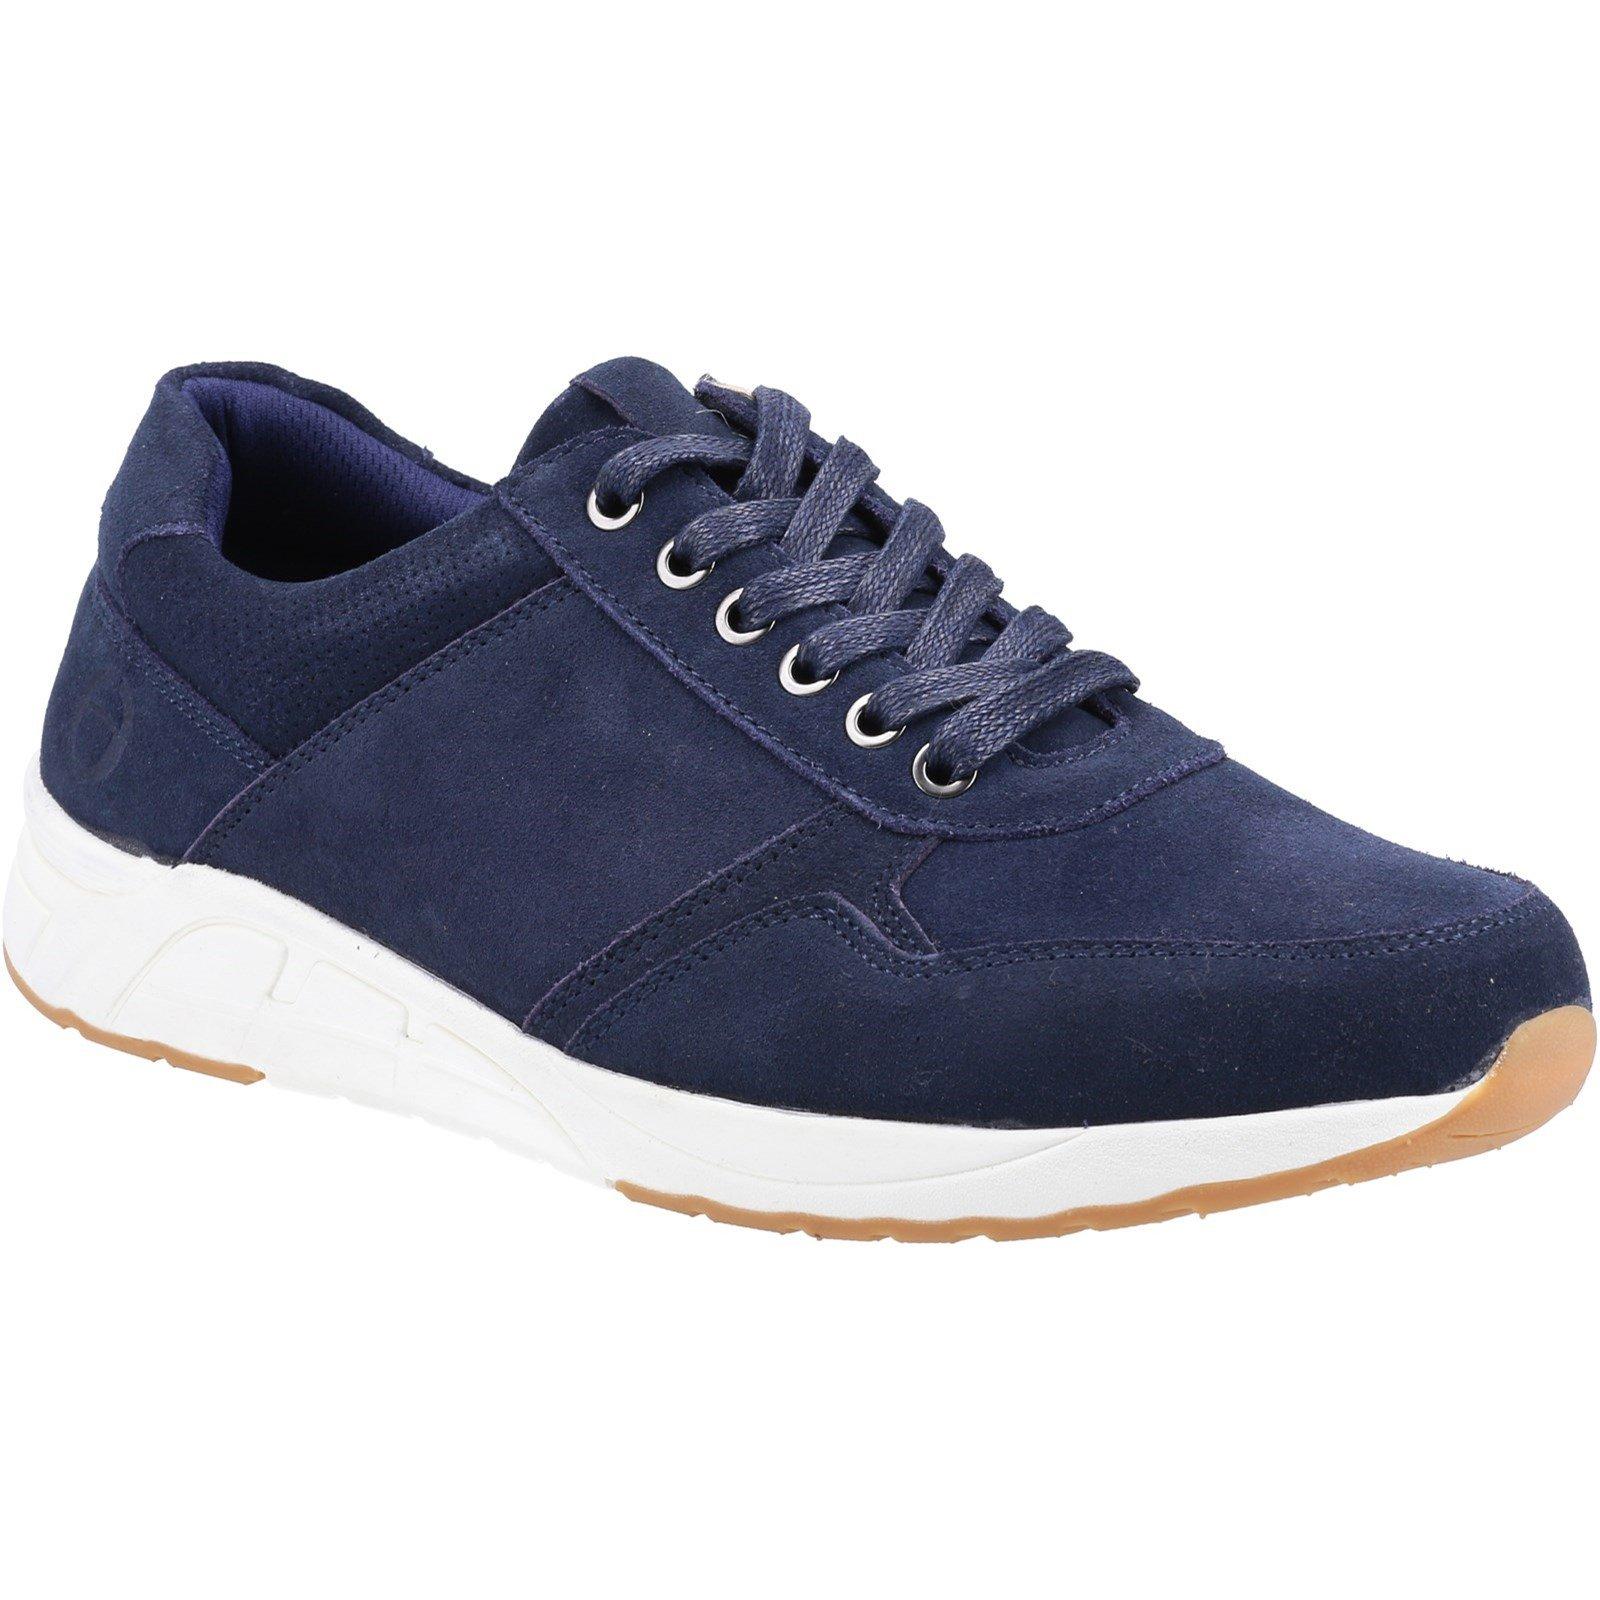 Cotswold Men's Hankerton Lace Up Shoe Various Colours 31925 - Navy 6